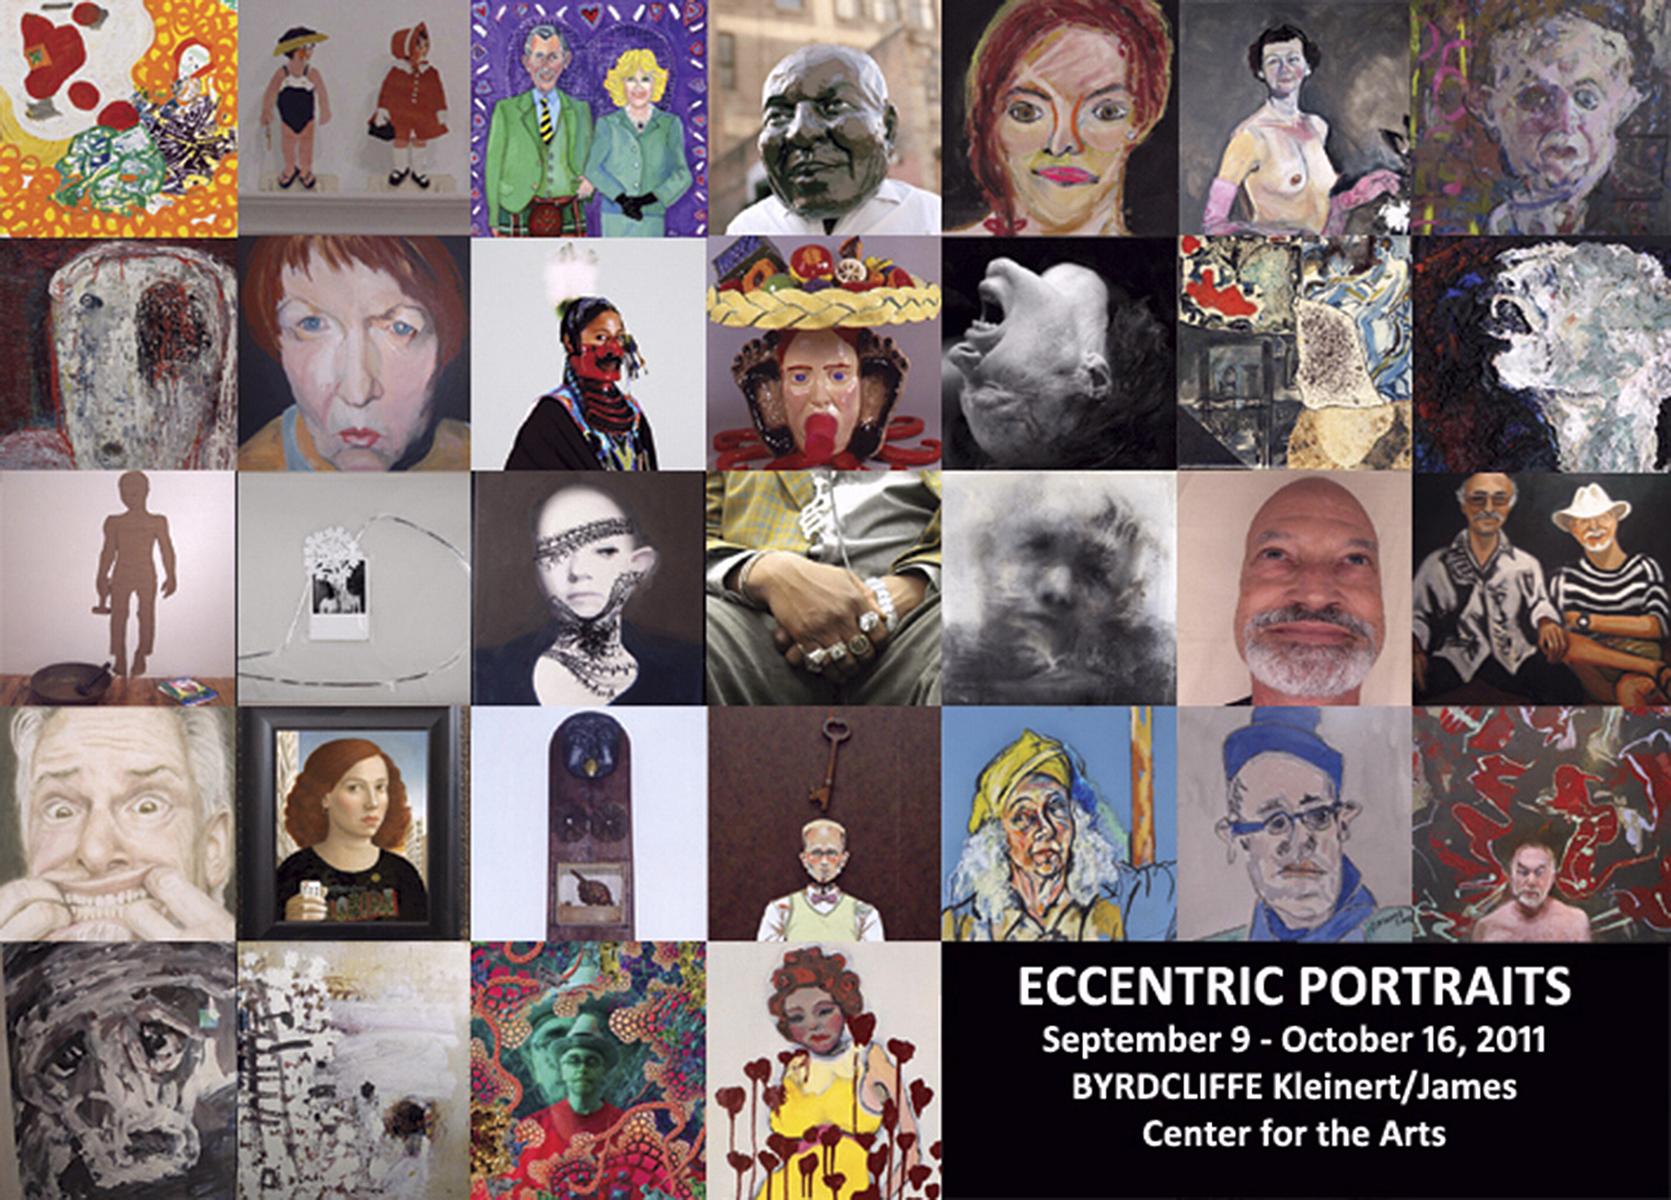 Eccentric Portraits 2011